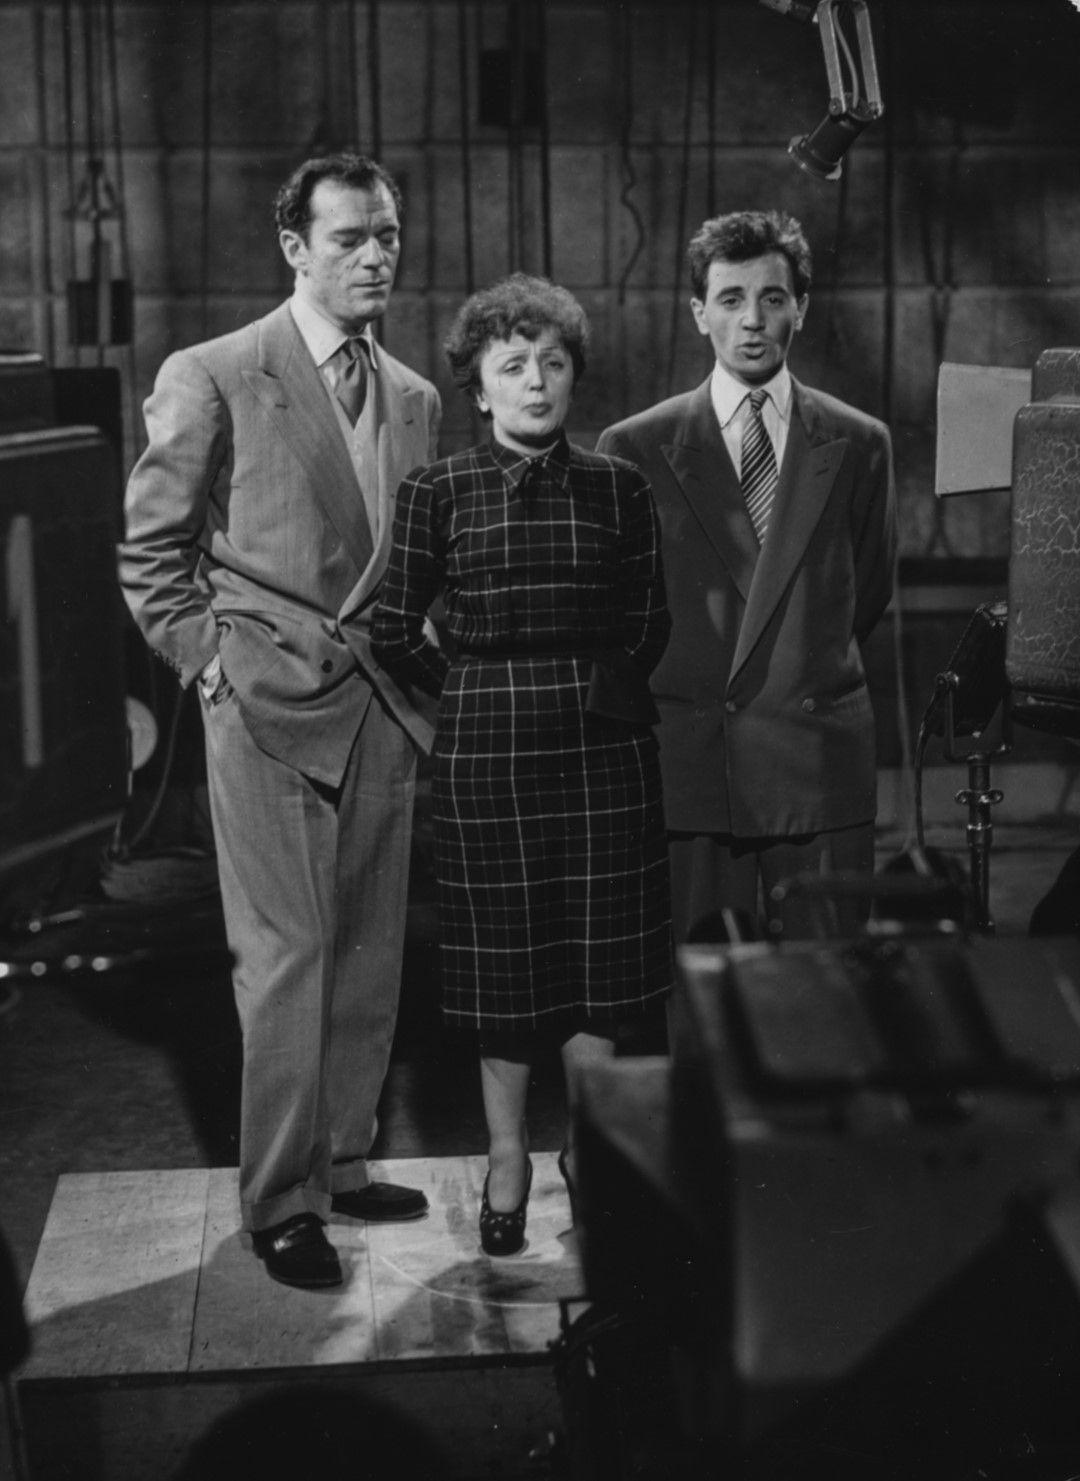 Едит Пиаф, Еди Константин и Шарл Азнавур през 1951 г.